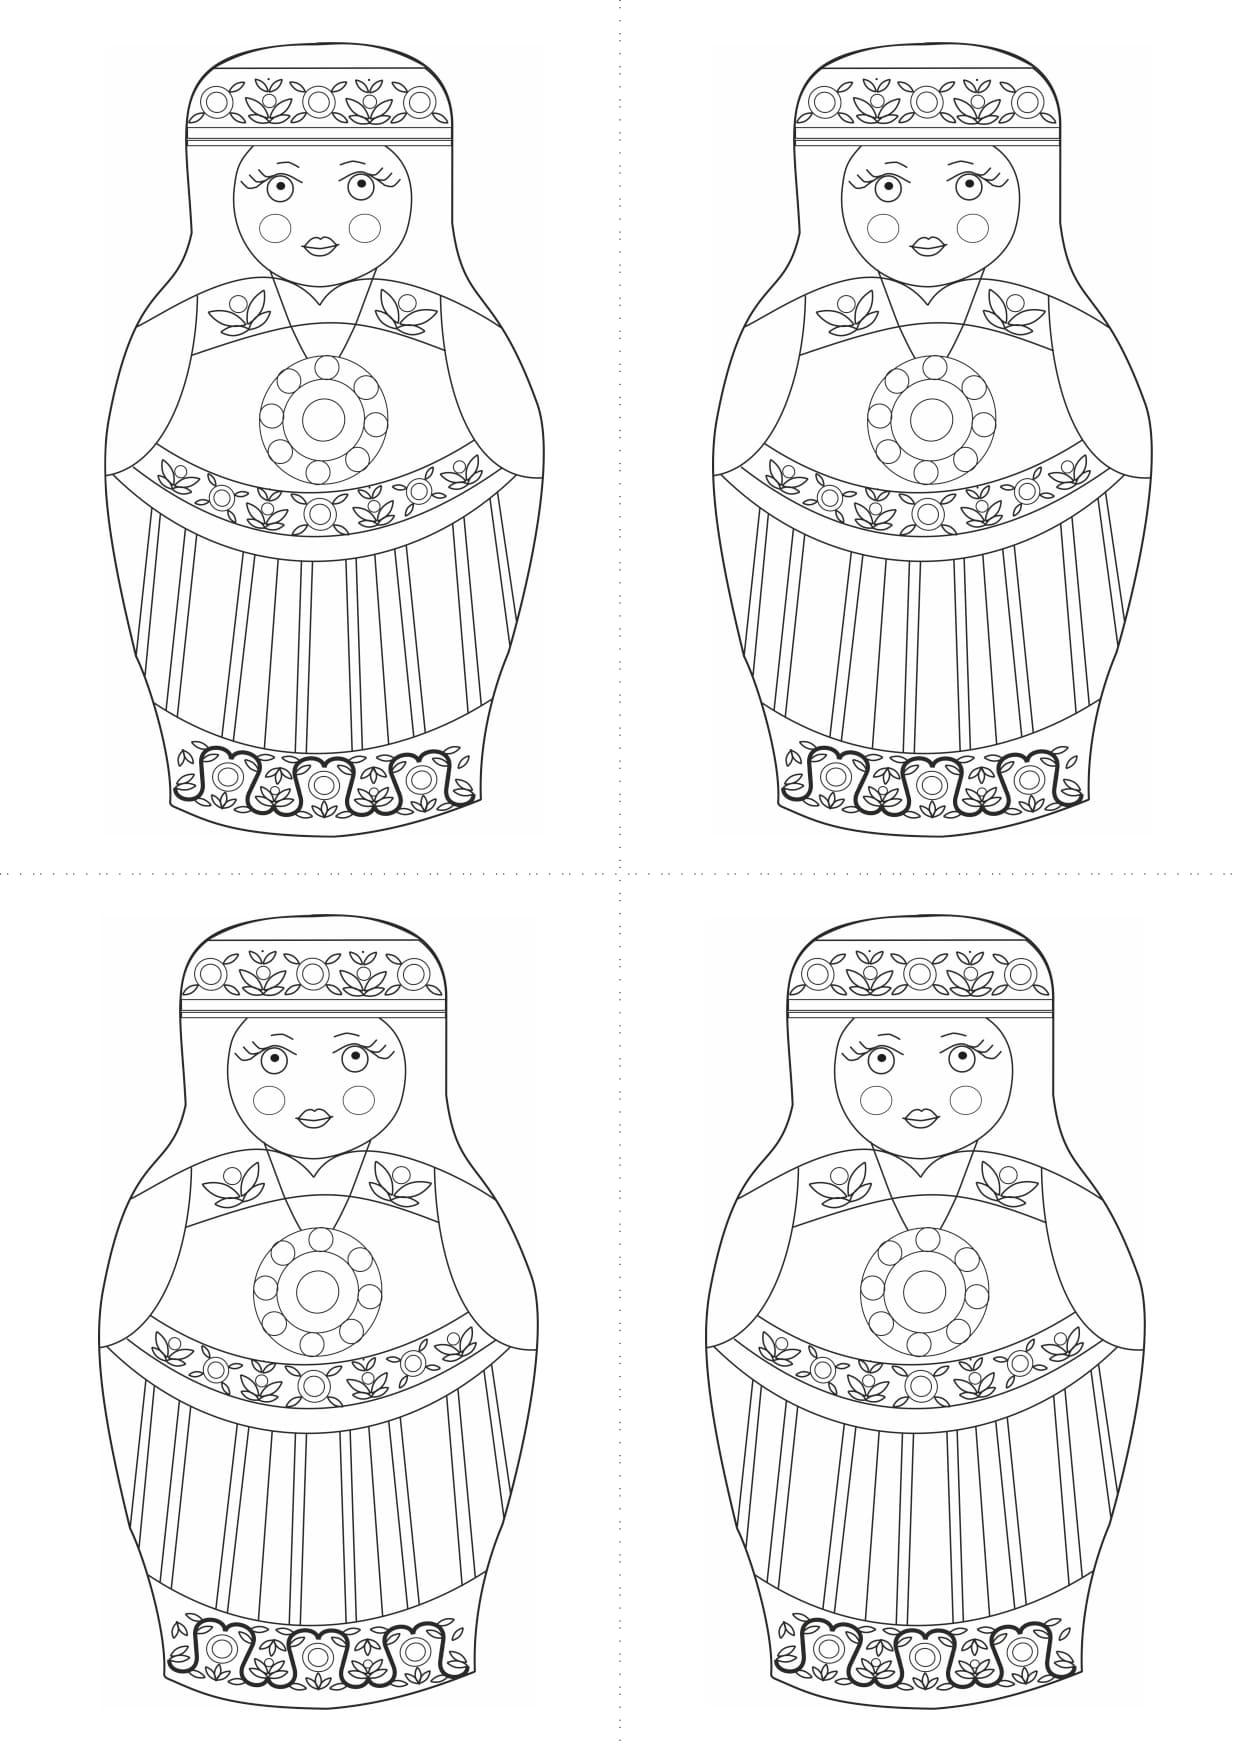 Раскраска шаблон матрёшки эстонки для рисования